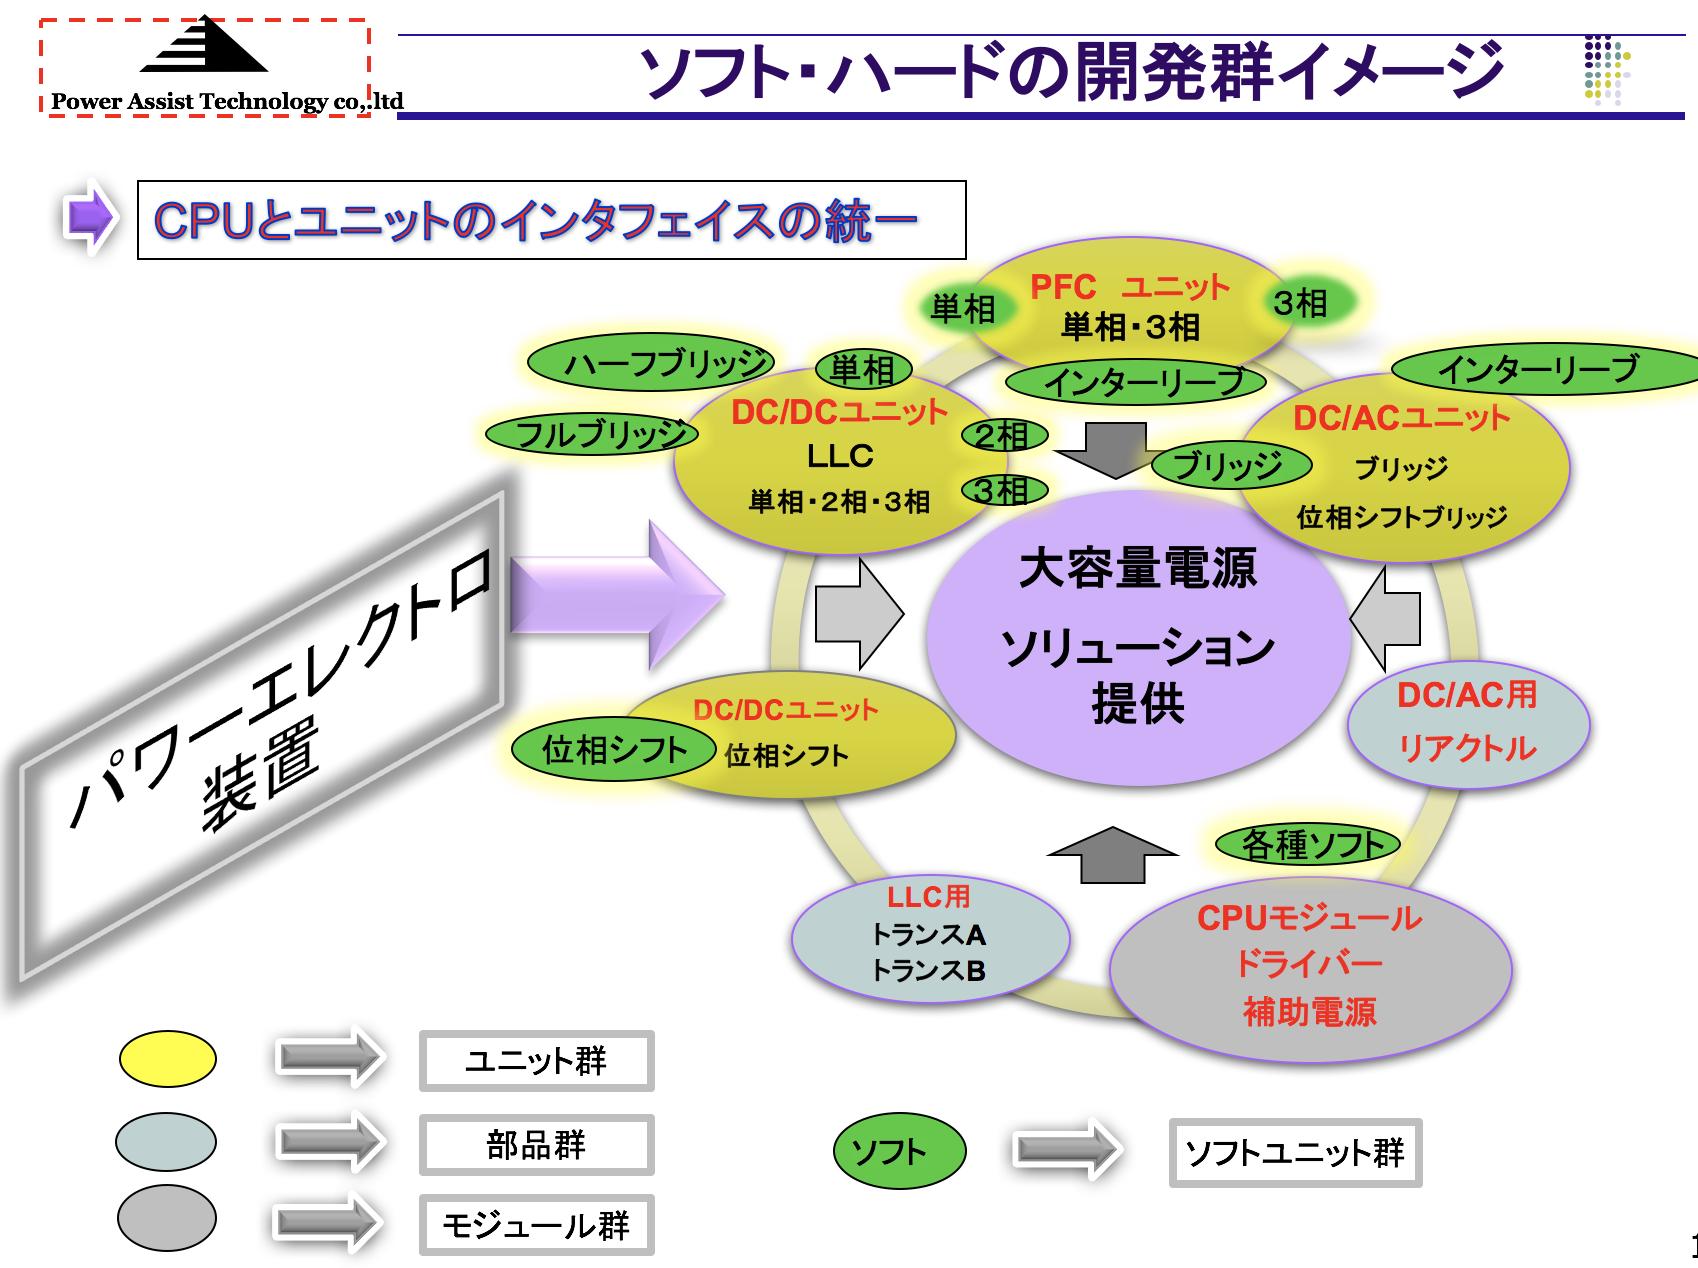 ソフト・ハードの開発イメージ